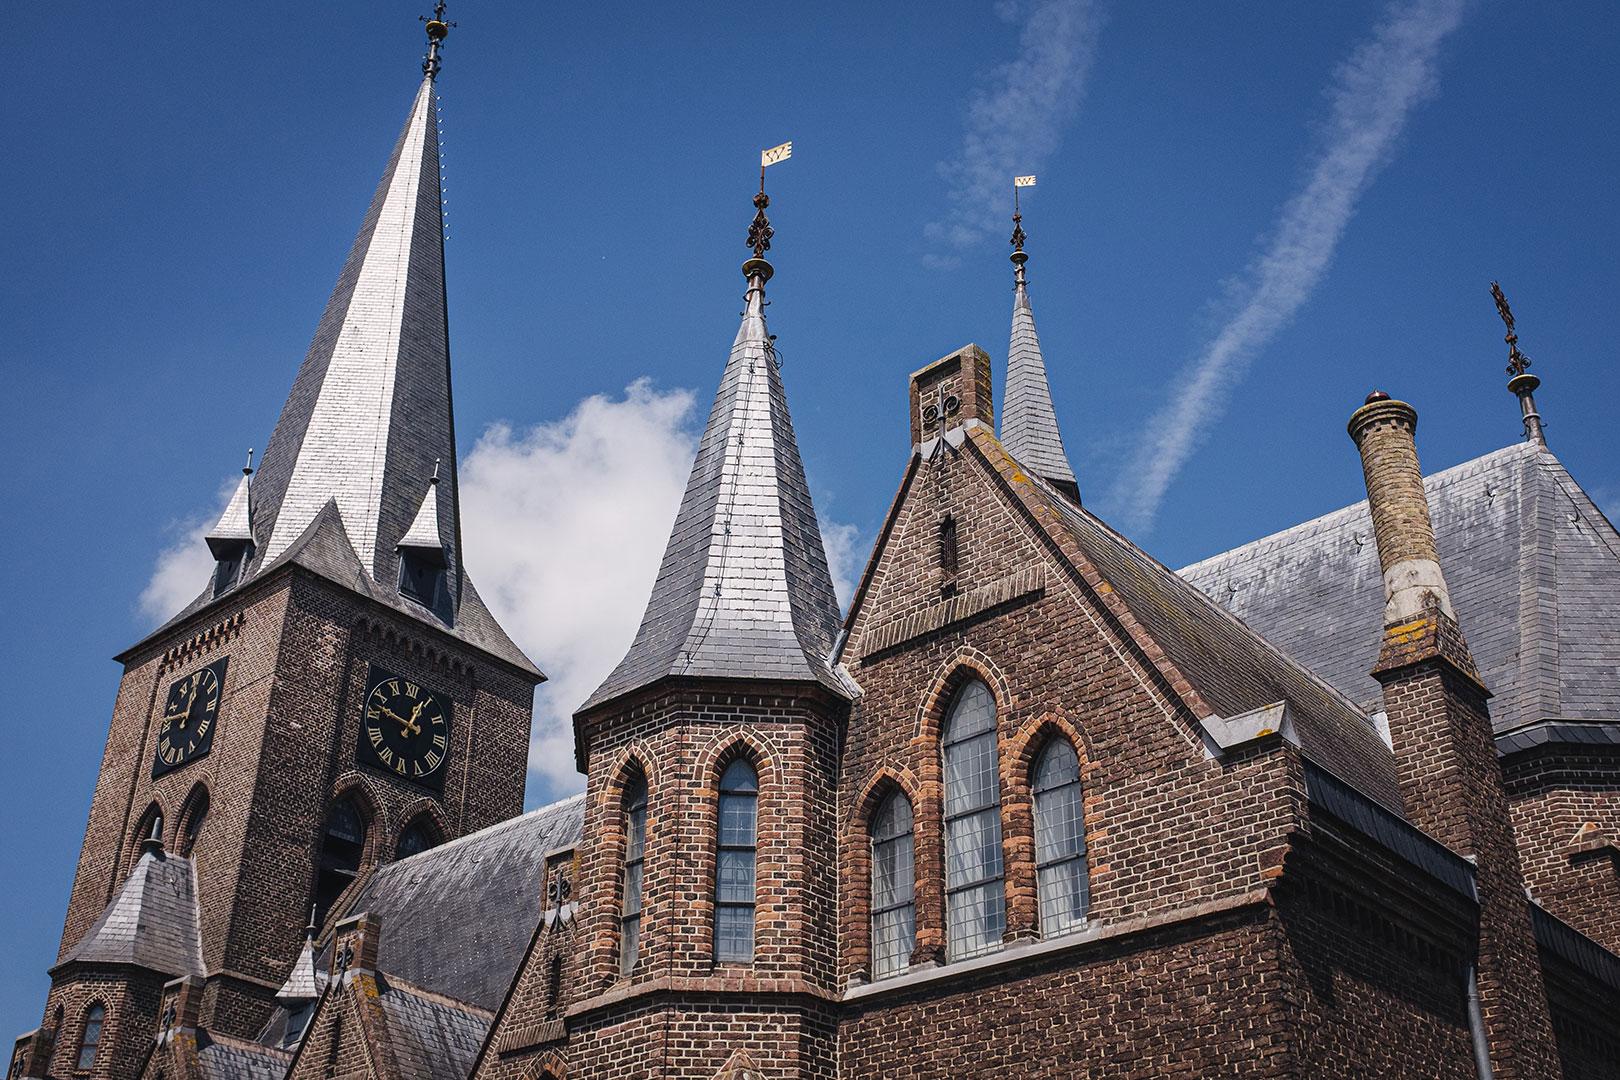 Kirche in Netterden